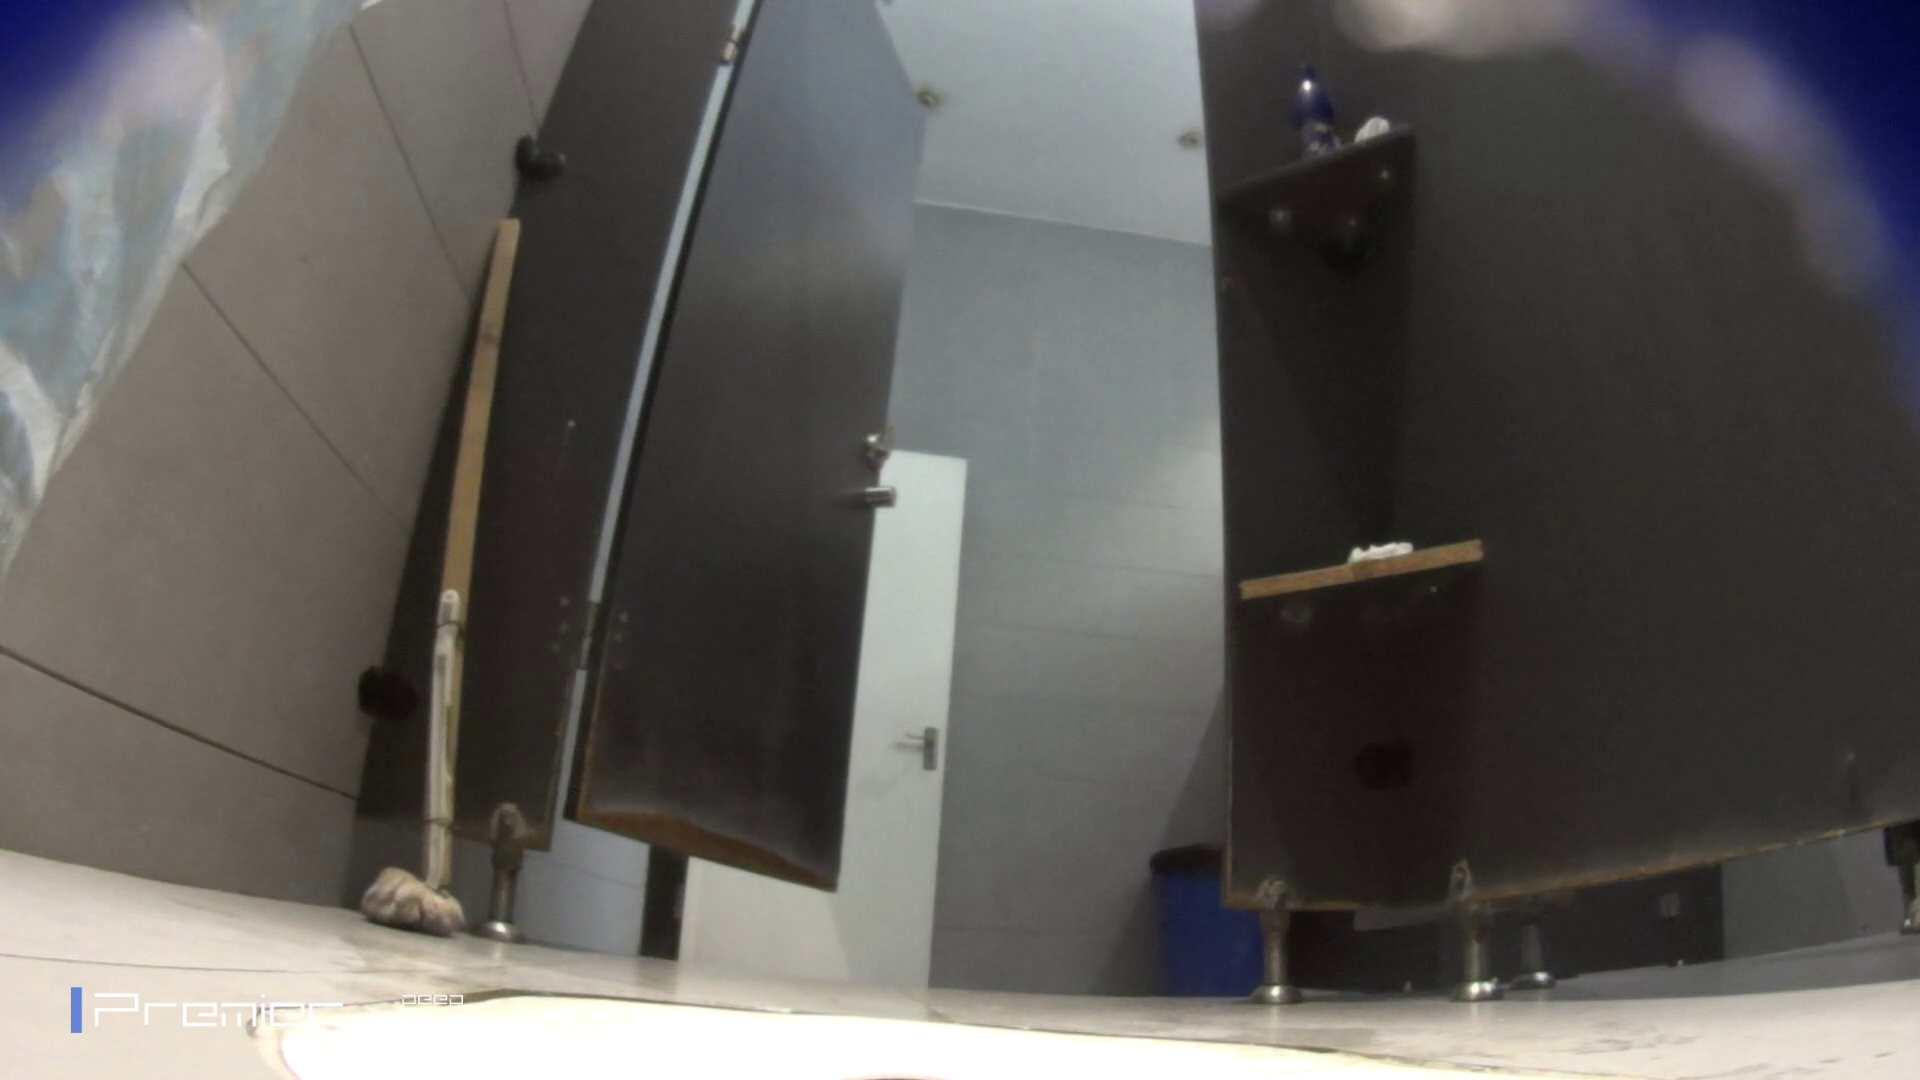 フロントから丸見え! 大学休憩時間の洗面所事情60 エッチな盗撮 女性器鑑賞 87pic 56